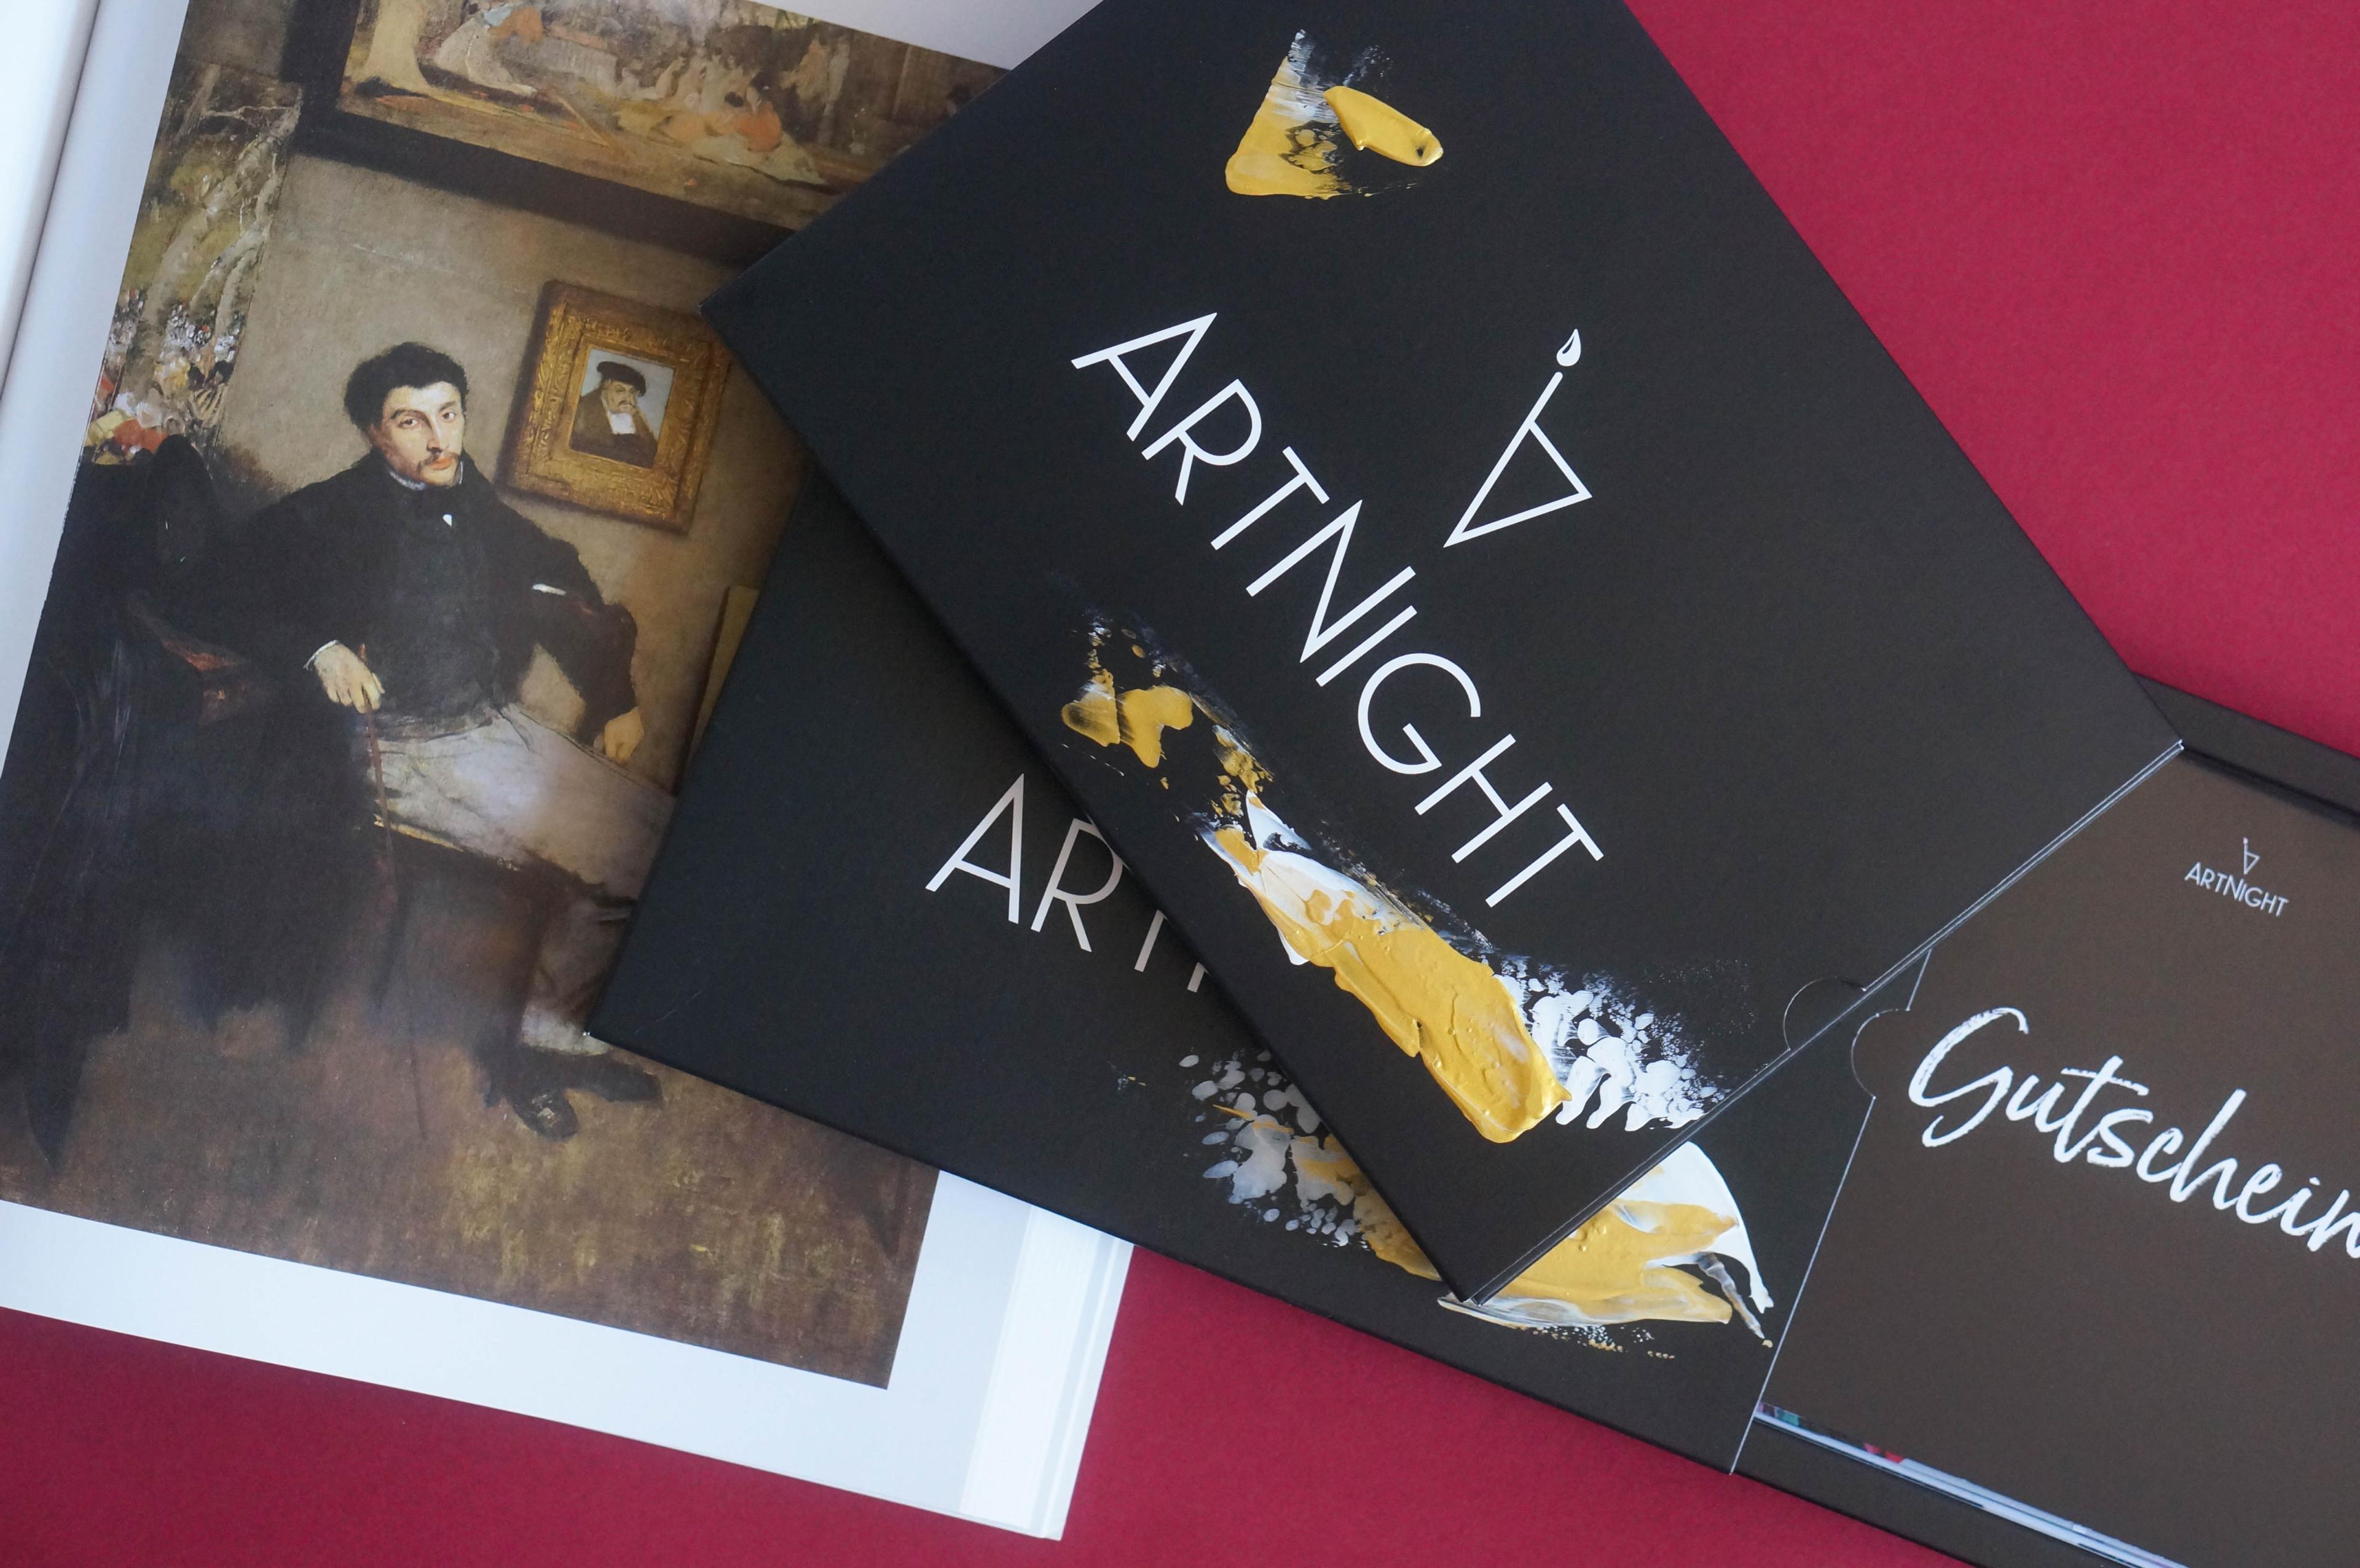 artnight-gutschein